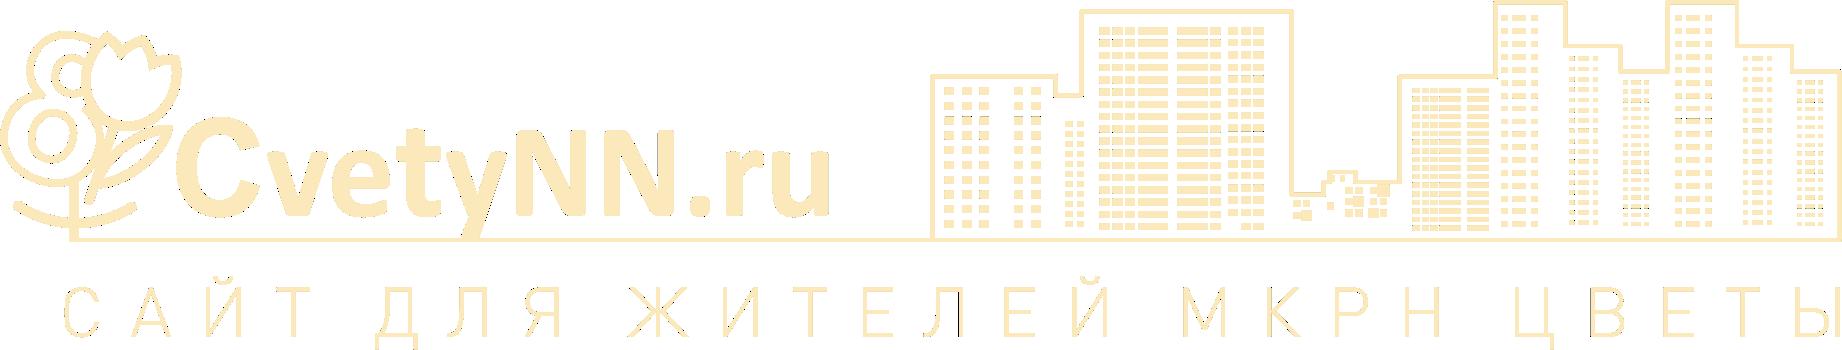 CvetyNN.ru